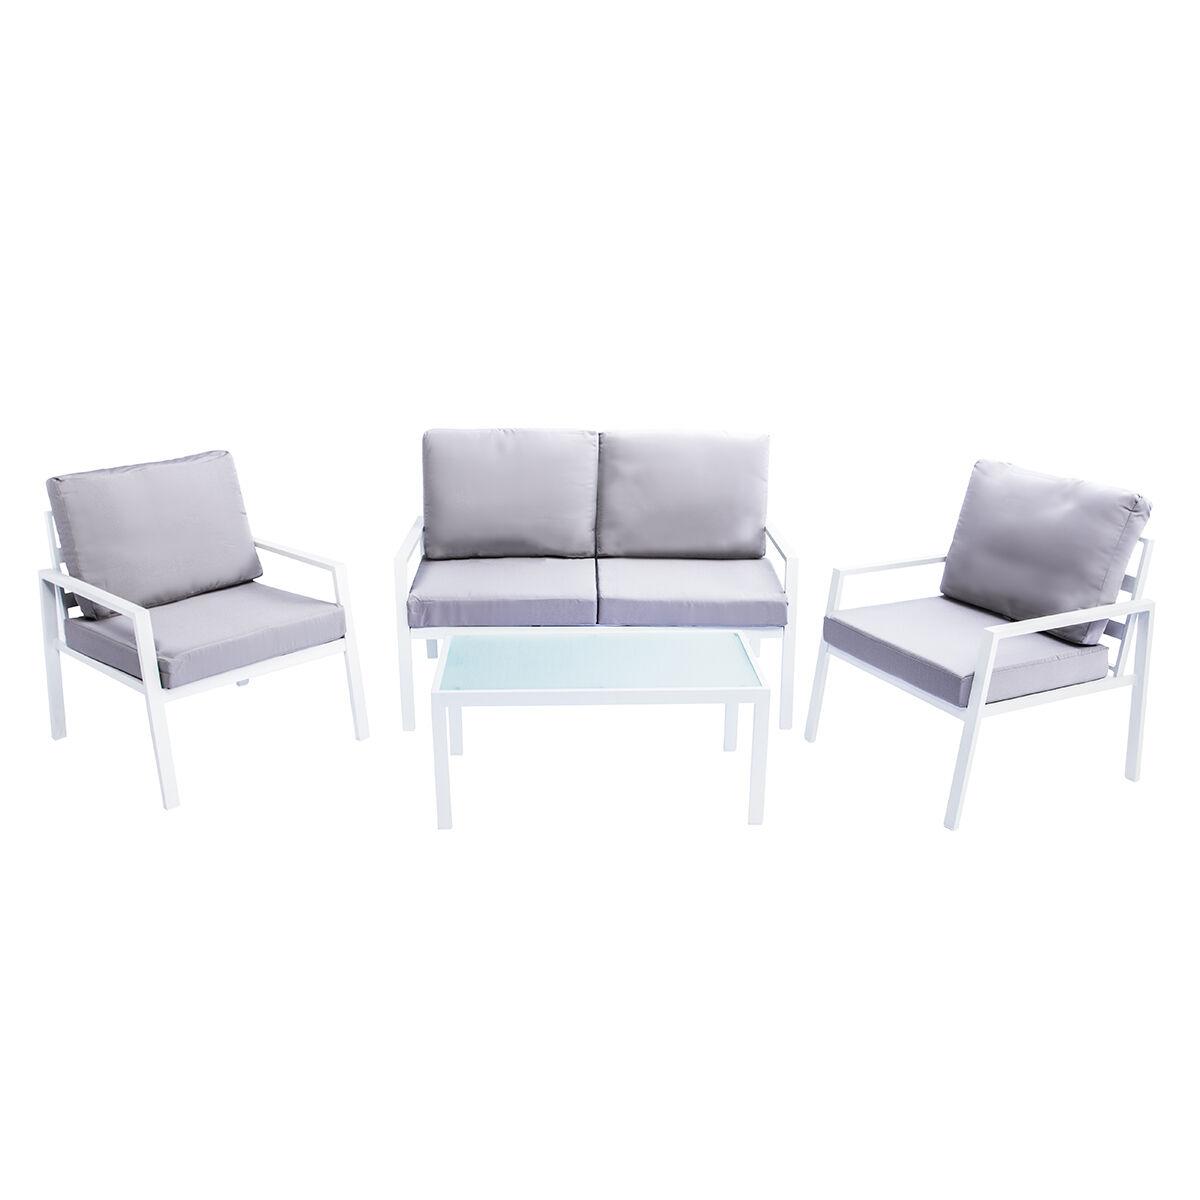 Miliboo Salon de jardin en métal blanc avec table, banc et 2 fauteuils CALA